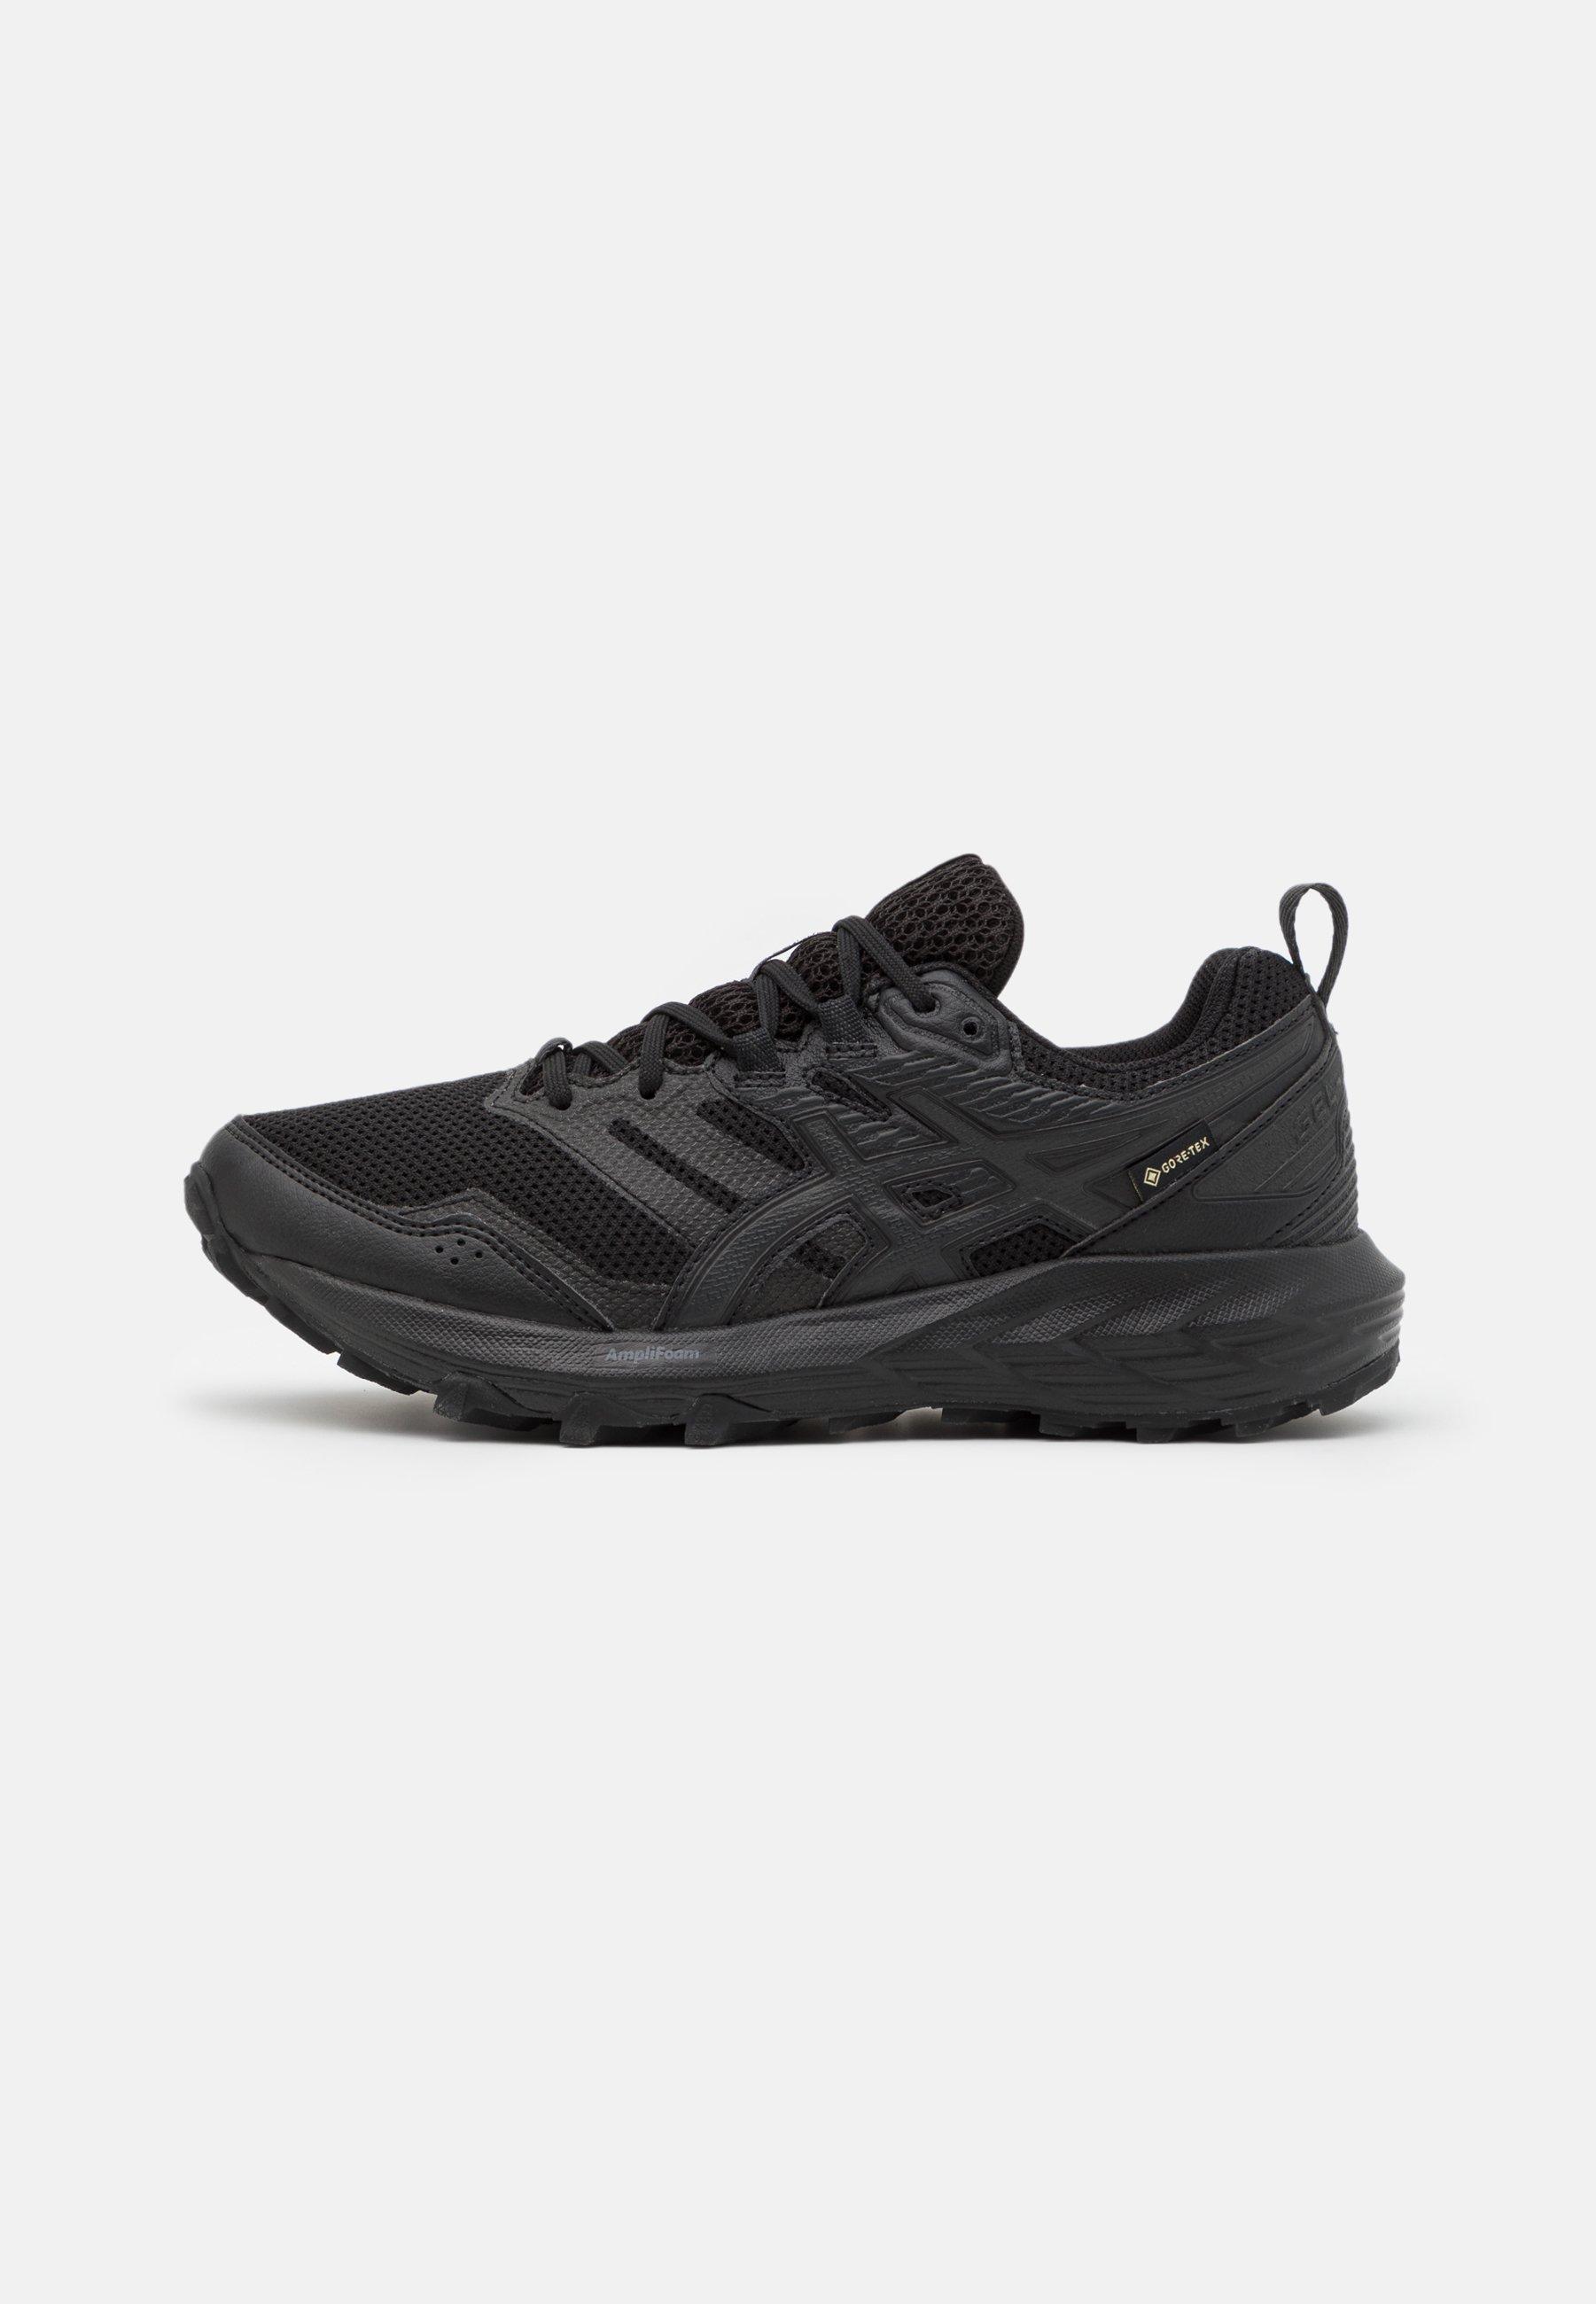 GEL SONOMA 6 GTX - Chaussures de running - black